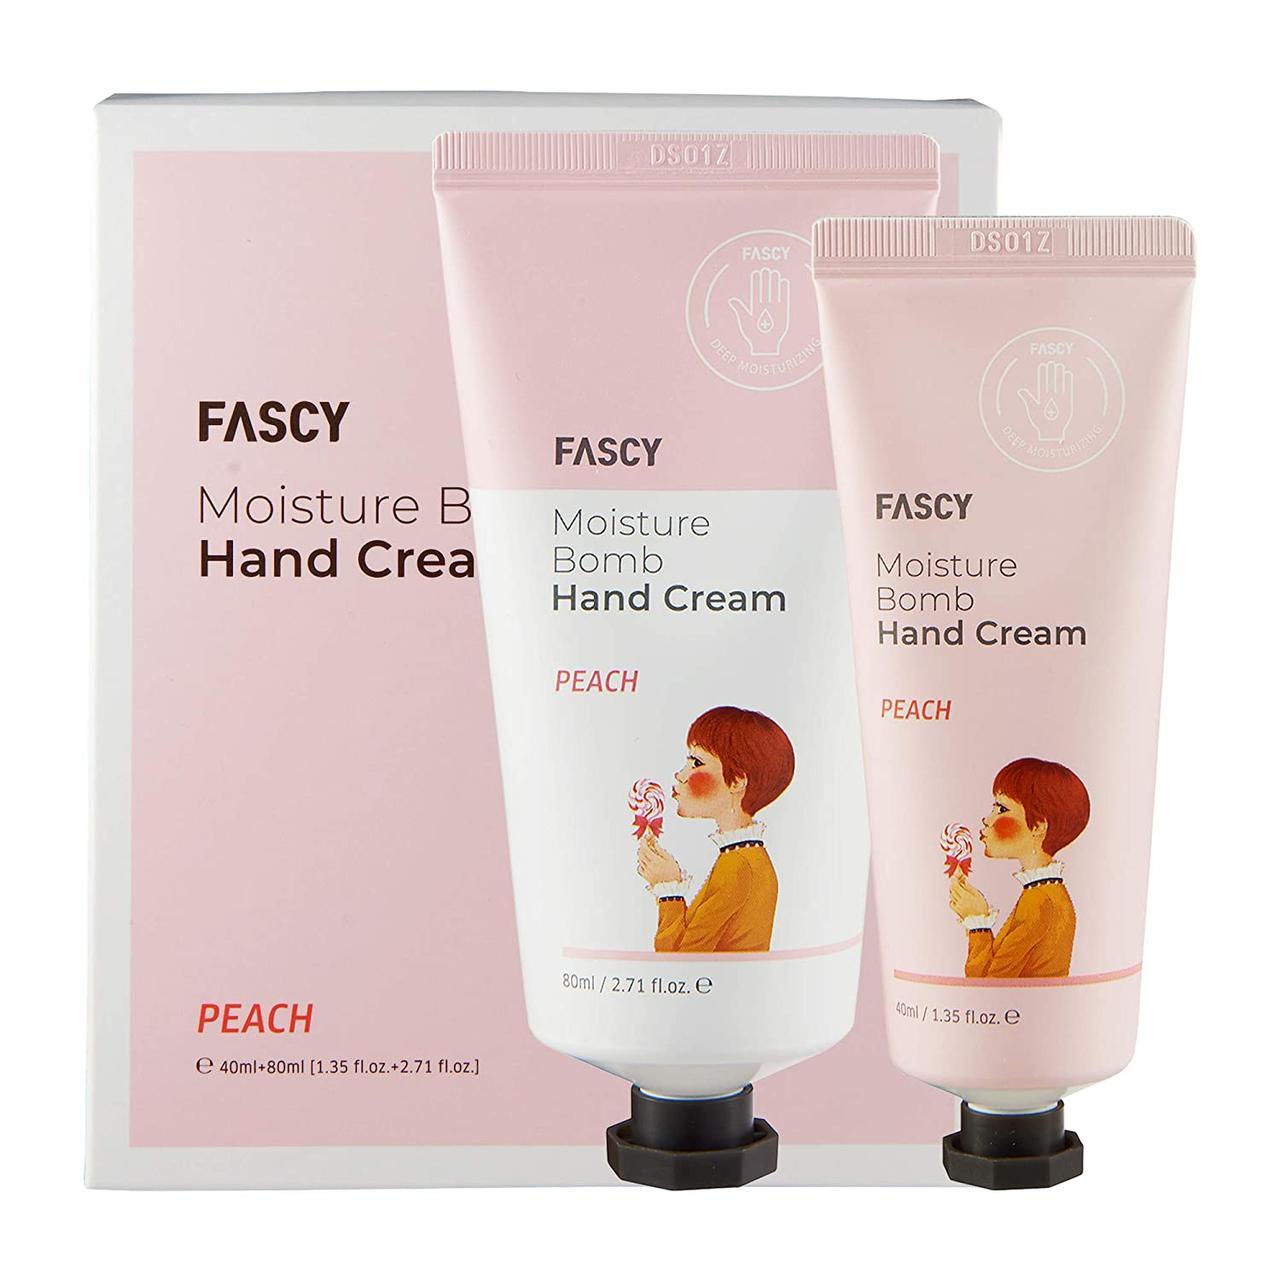 Зволожуючий крем і лосьйон для рук Fascy Moisturize Hand Cream, Peach Lotion